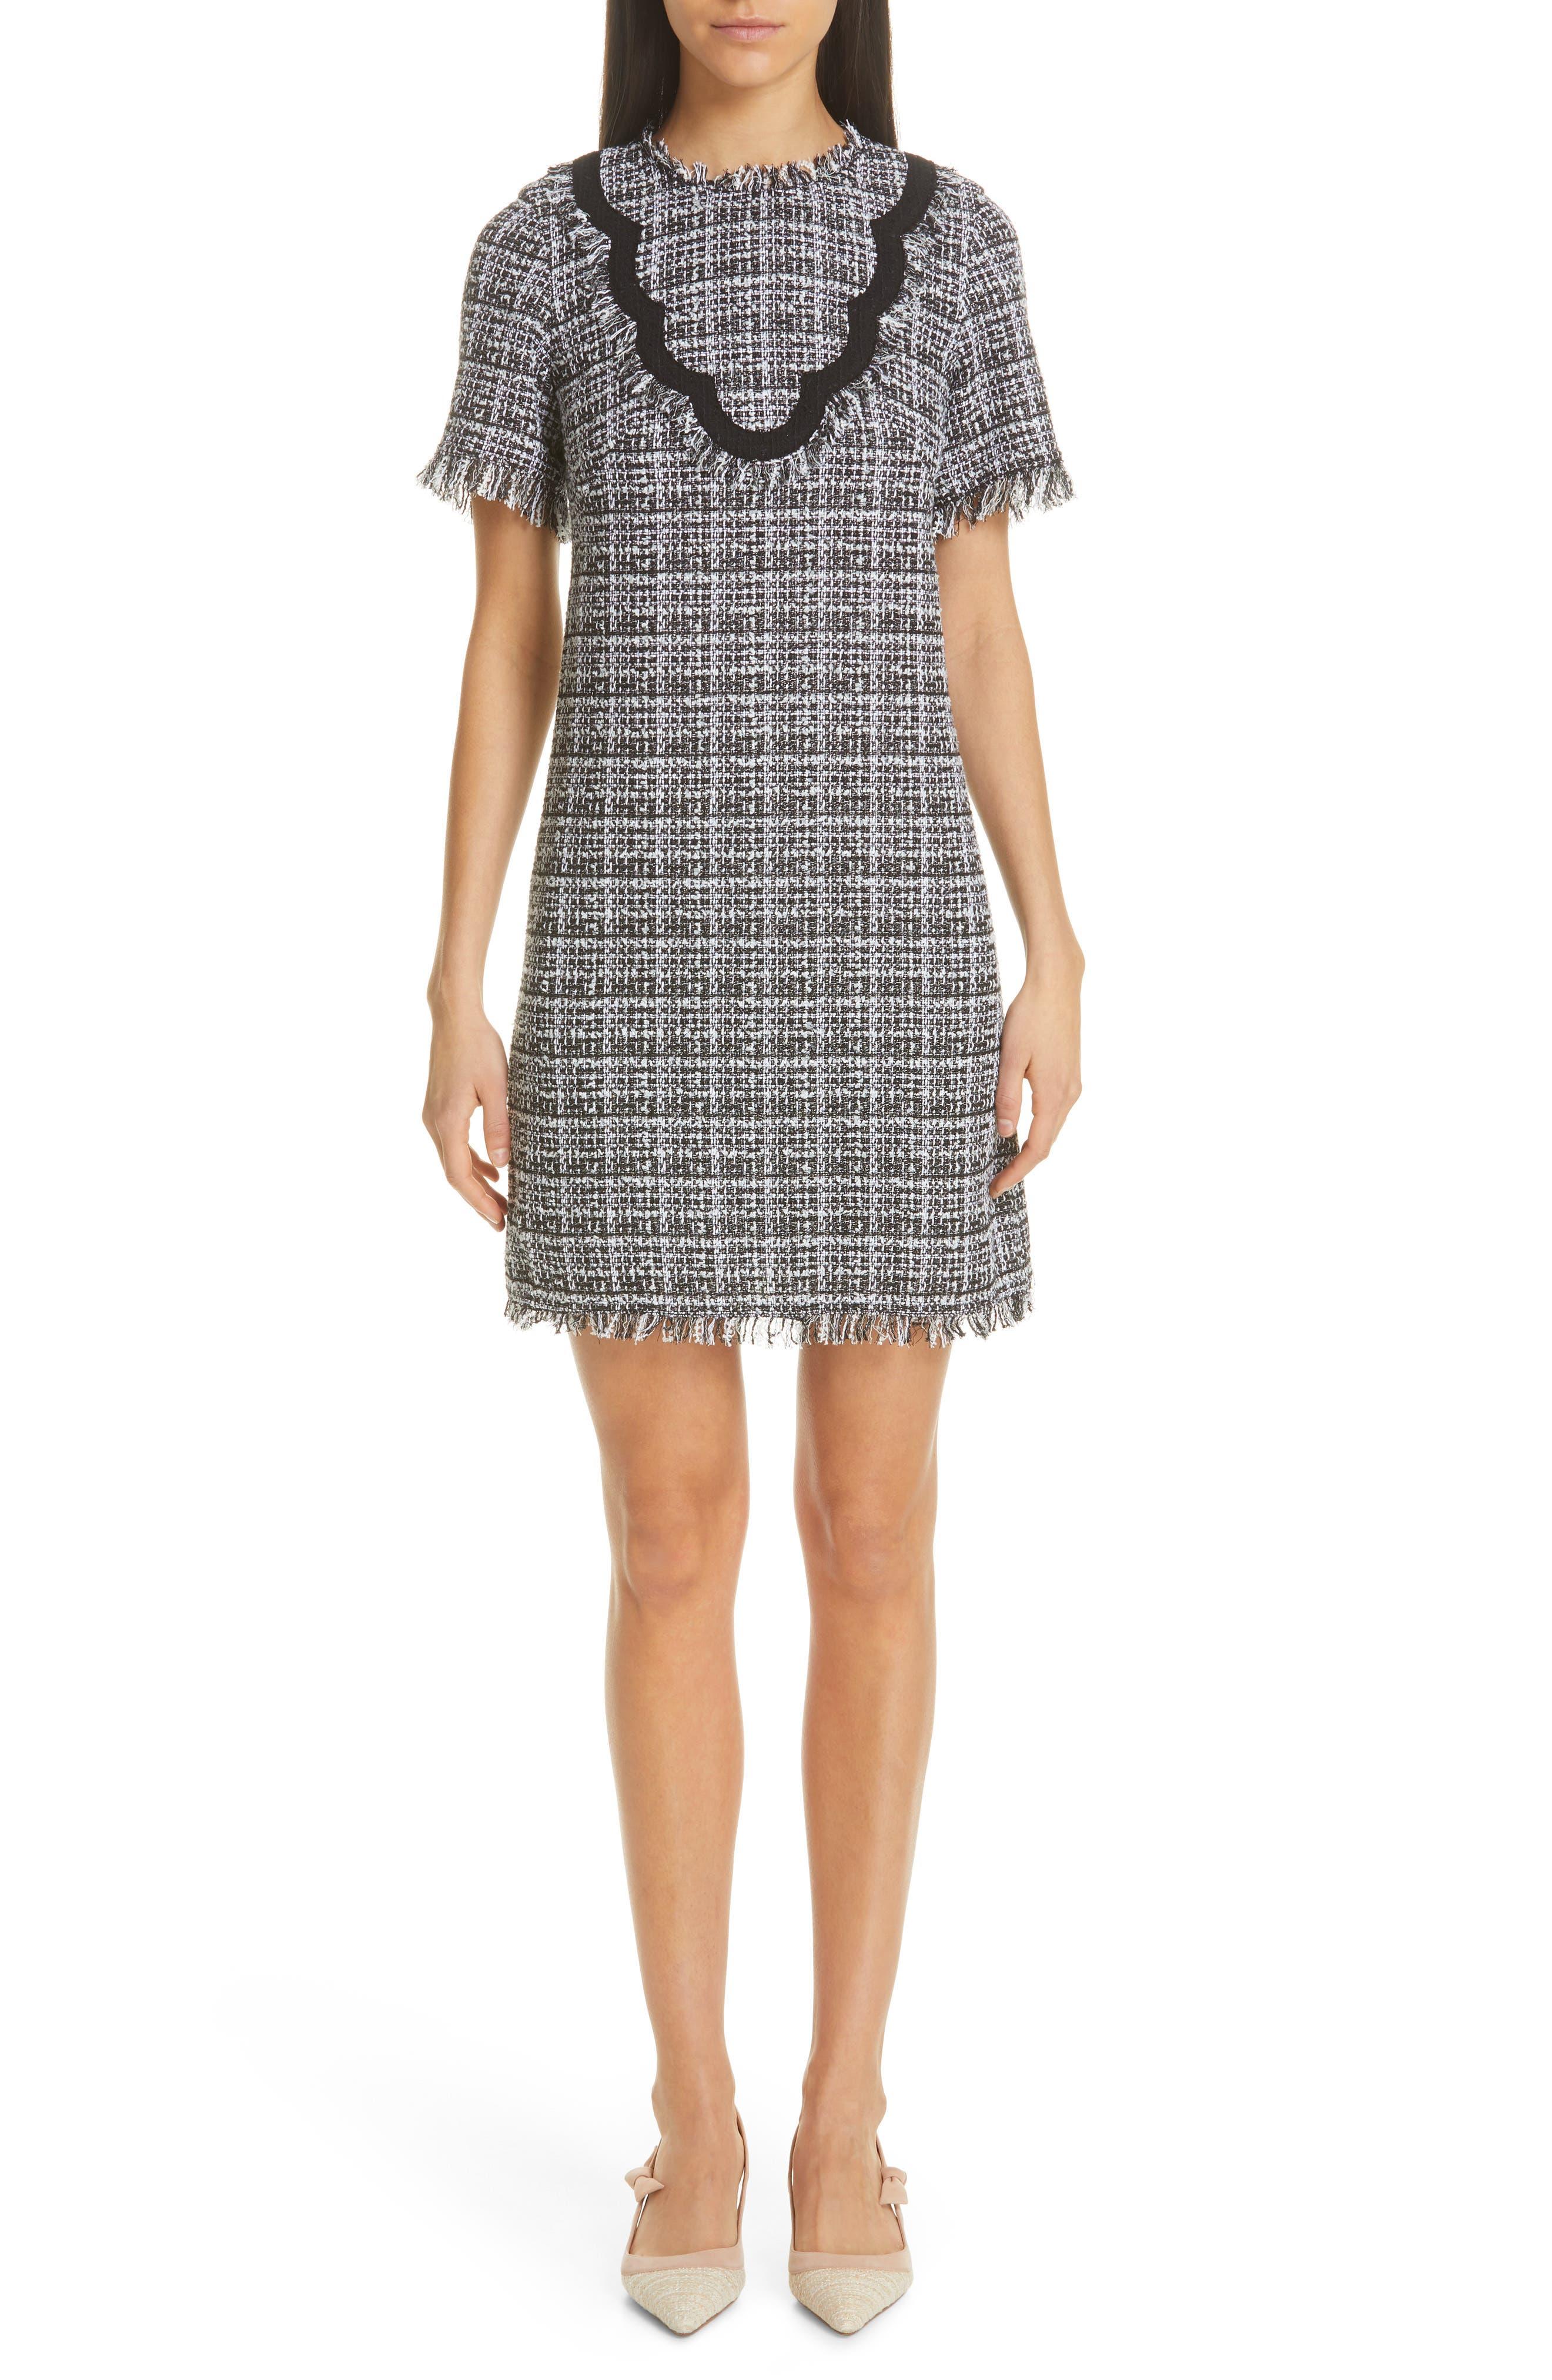 Kate Spade New York Scalloped Detail Tweed Dress, Black